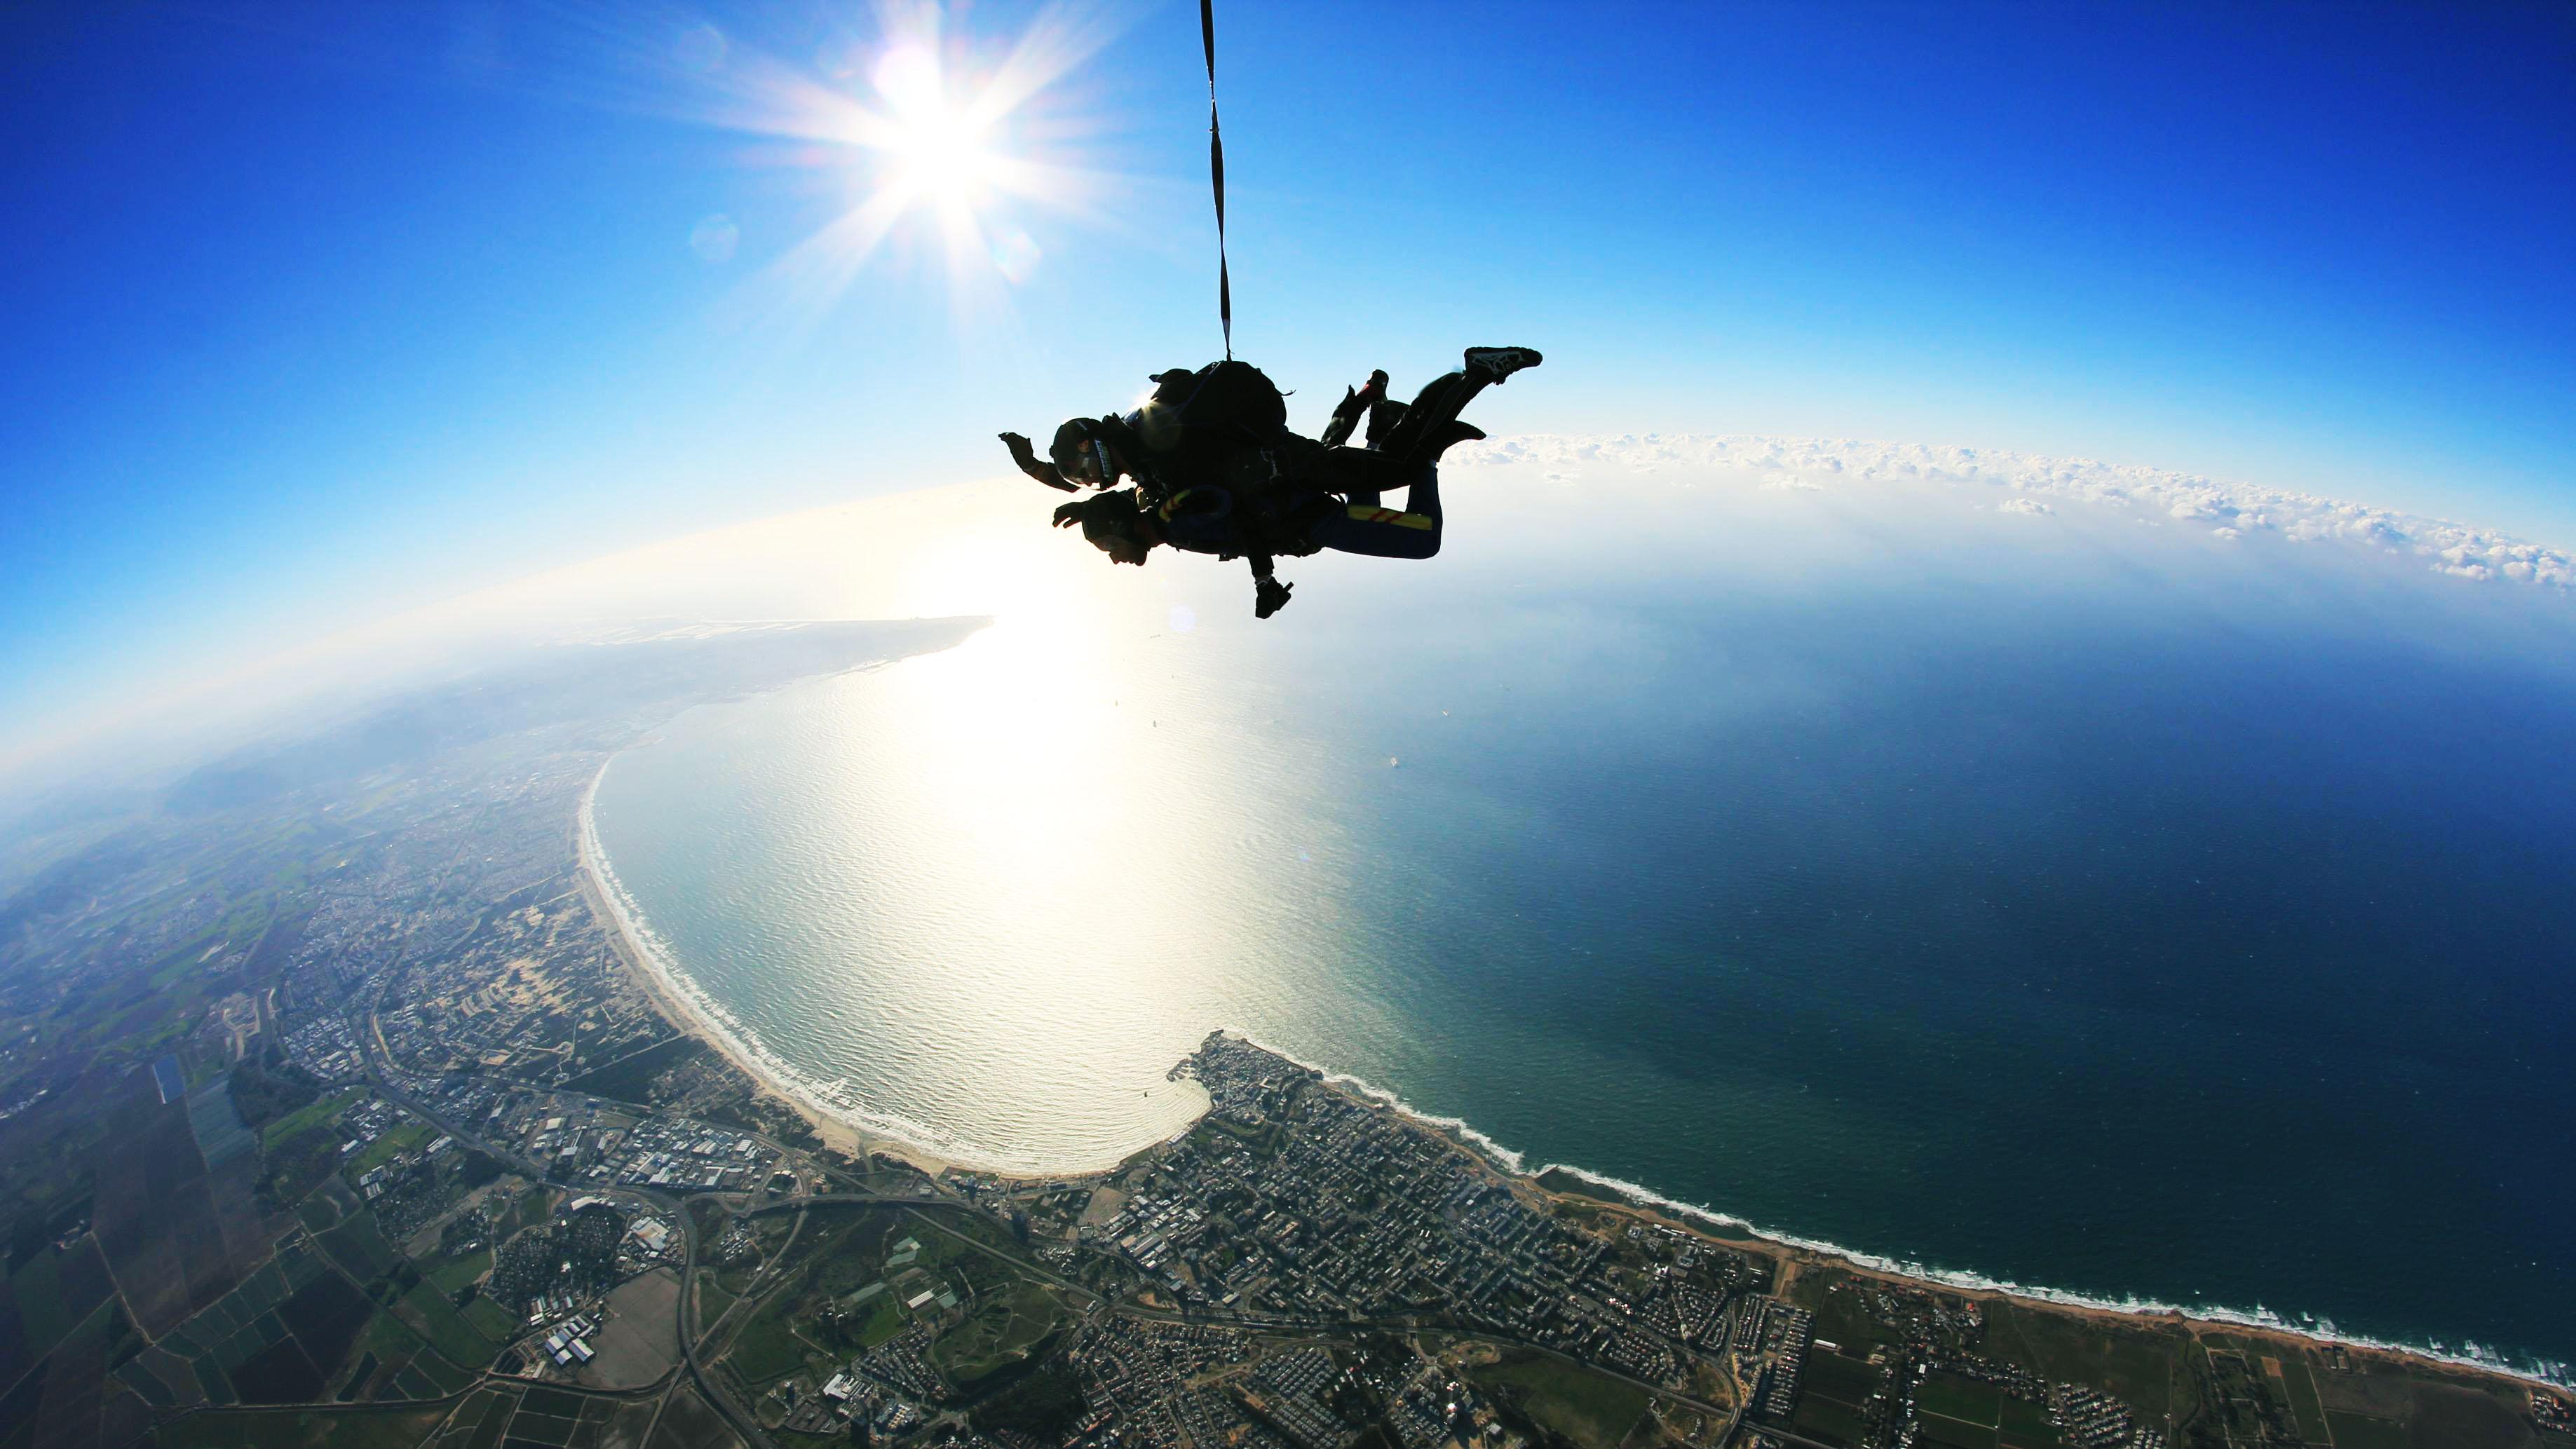 נפילה חופשית מעל הגליל